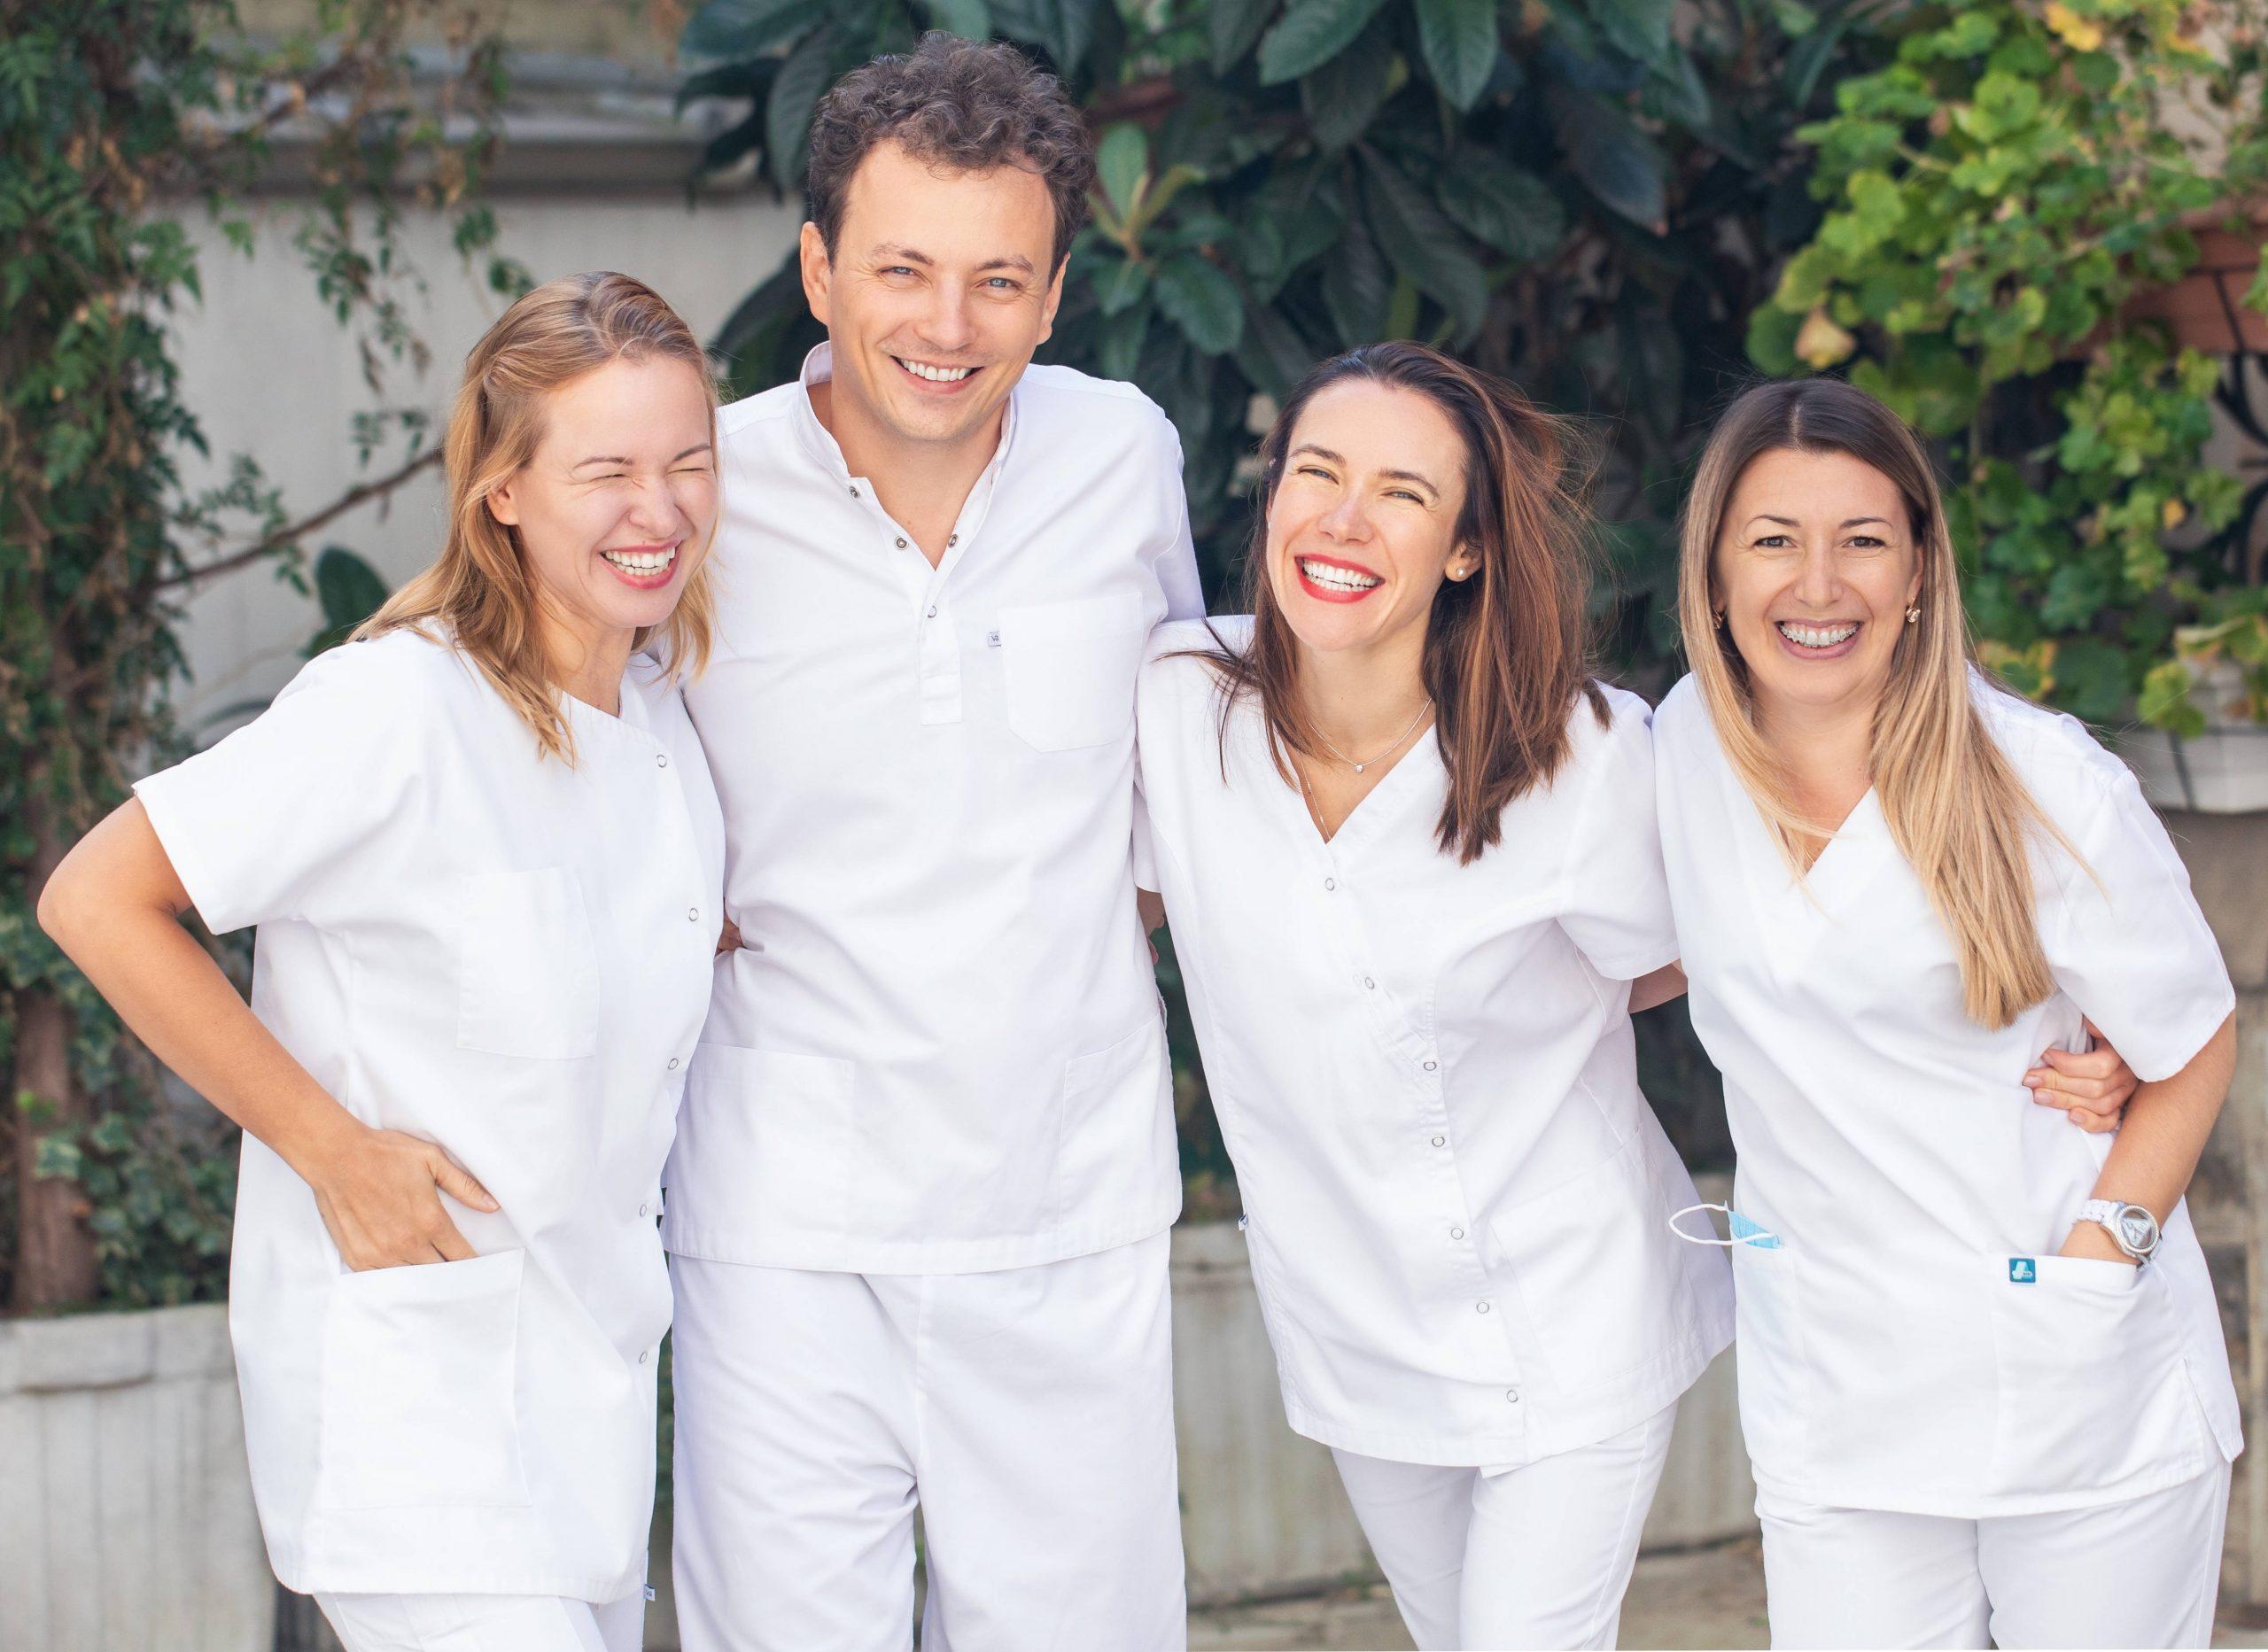 Clinic team